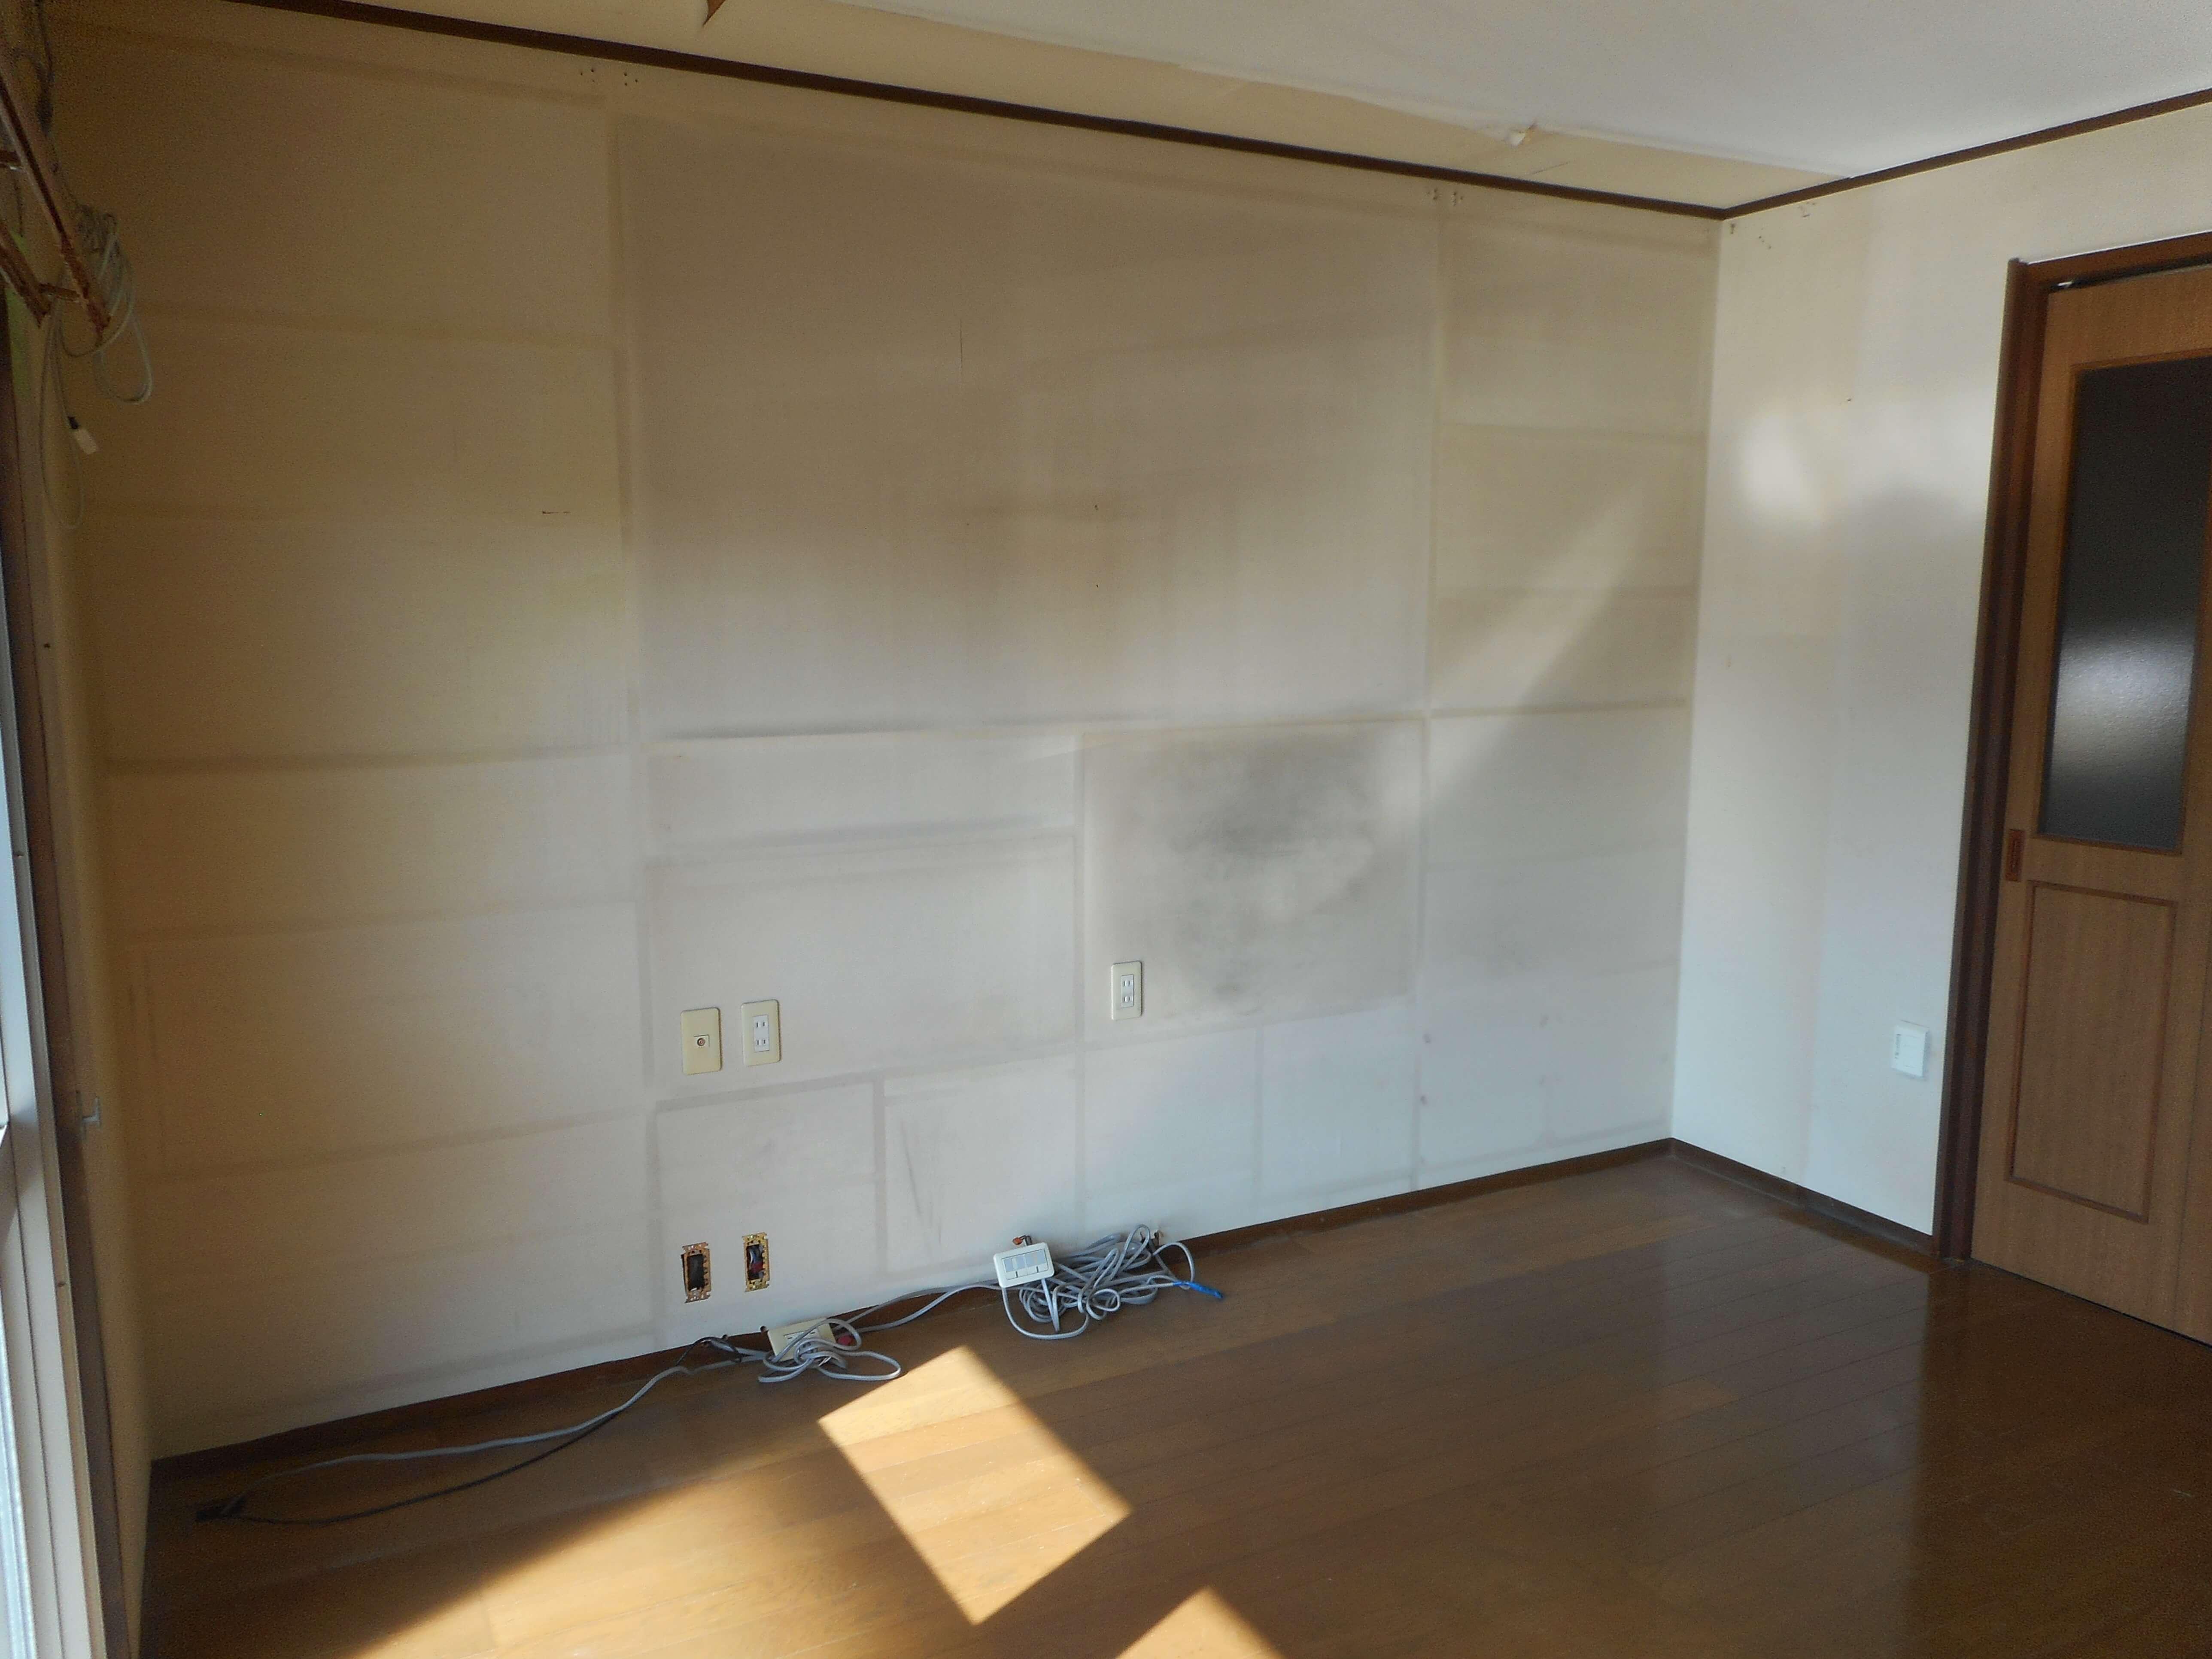 家財整理後の部屋の様子